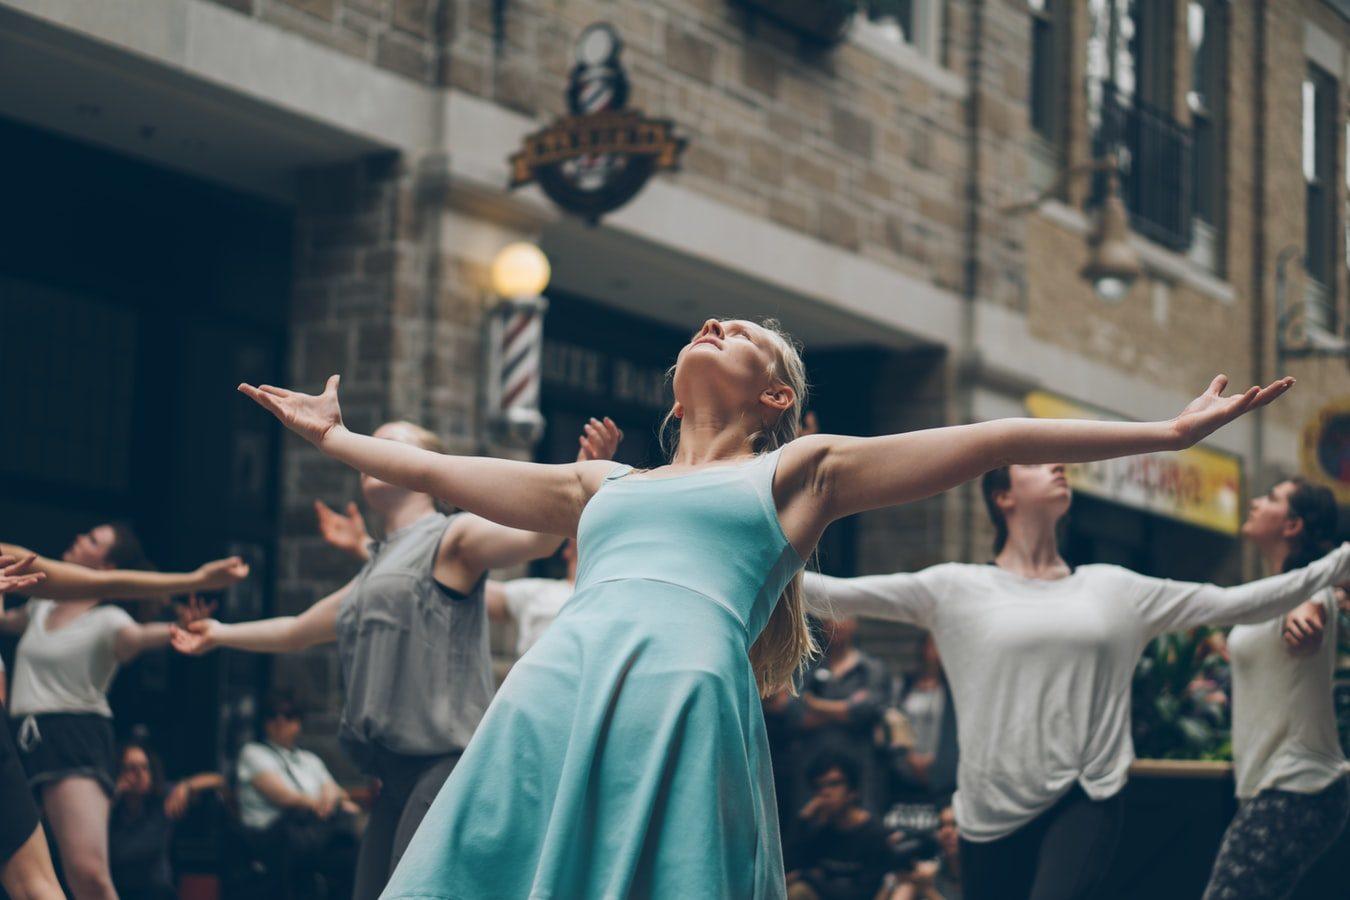 Хореографический перформанс «Танец с городом» в Библиотеке-читальне им. Пушкина – события на сайте «Московские Сезоны»